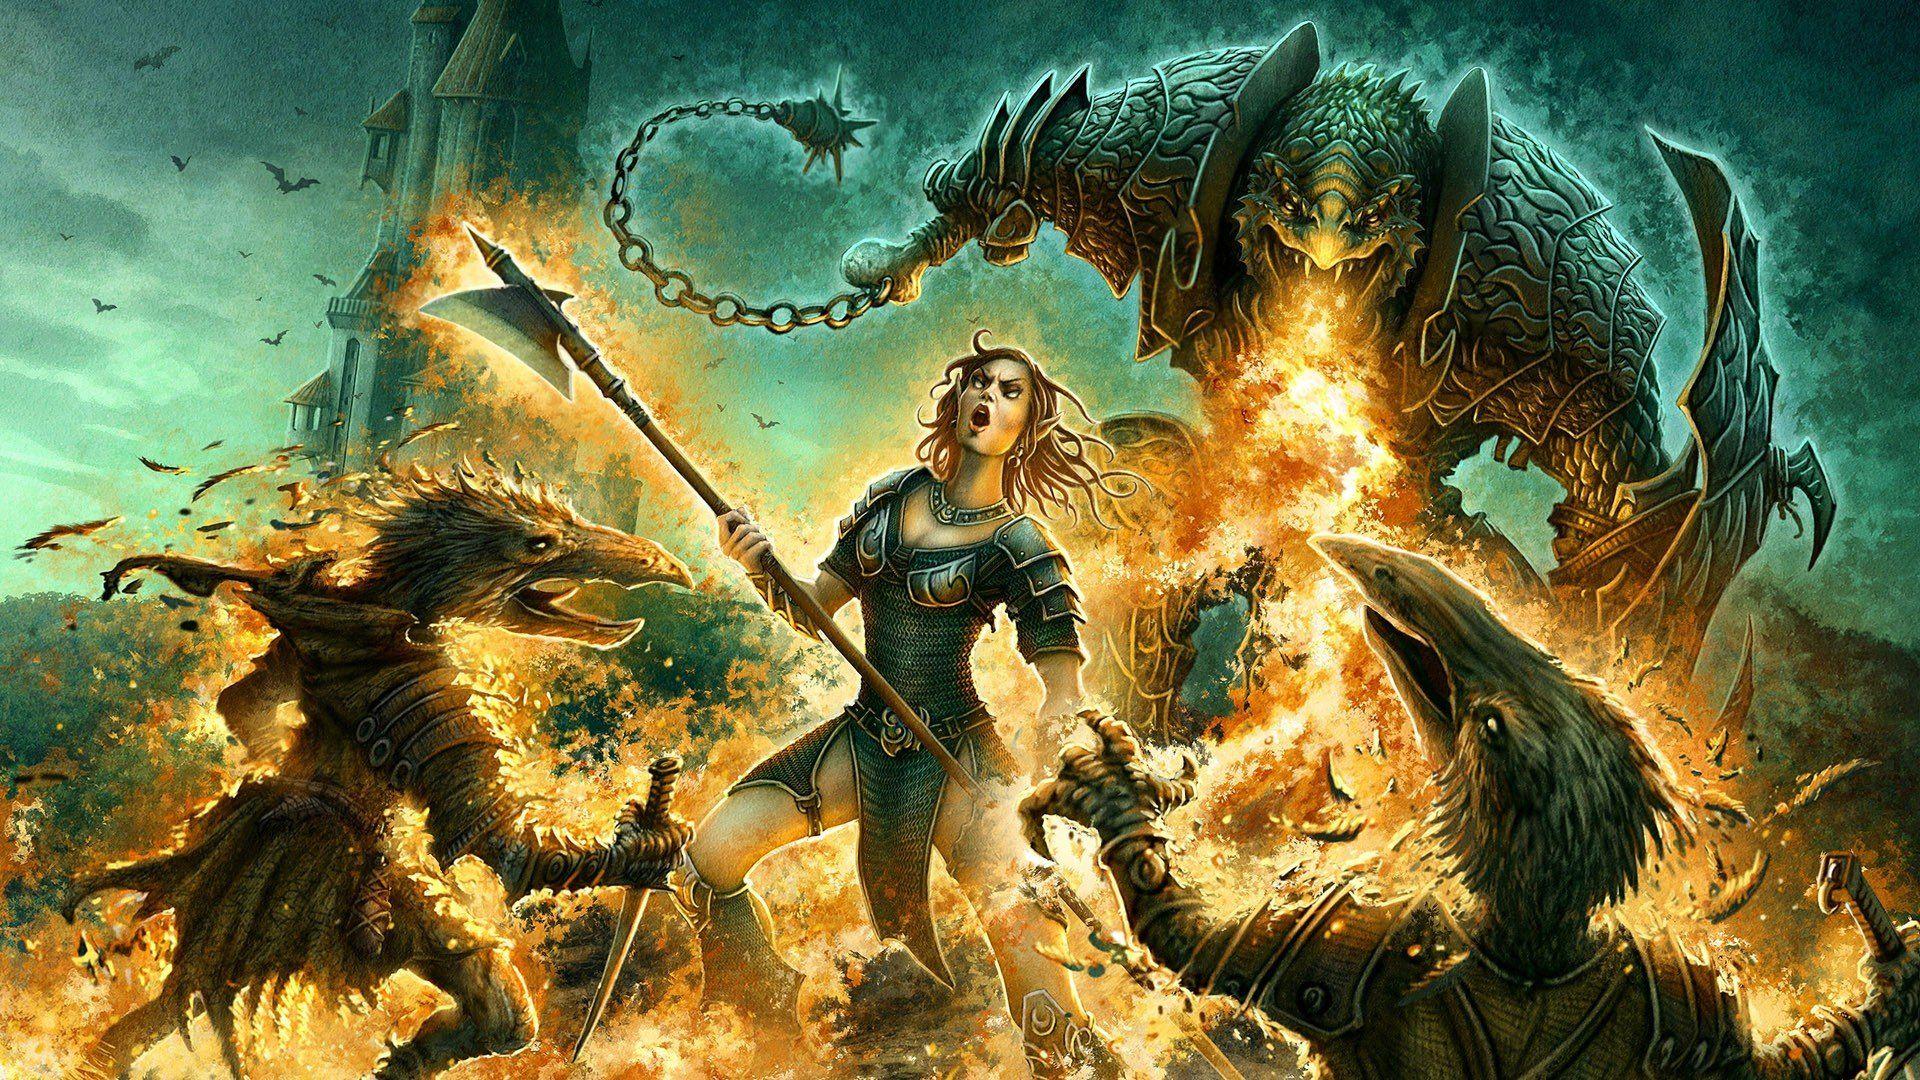 Dragonborn Wallpapers Wallpaper